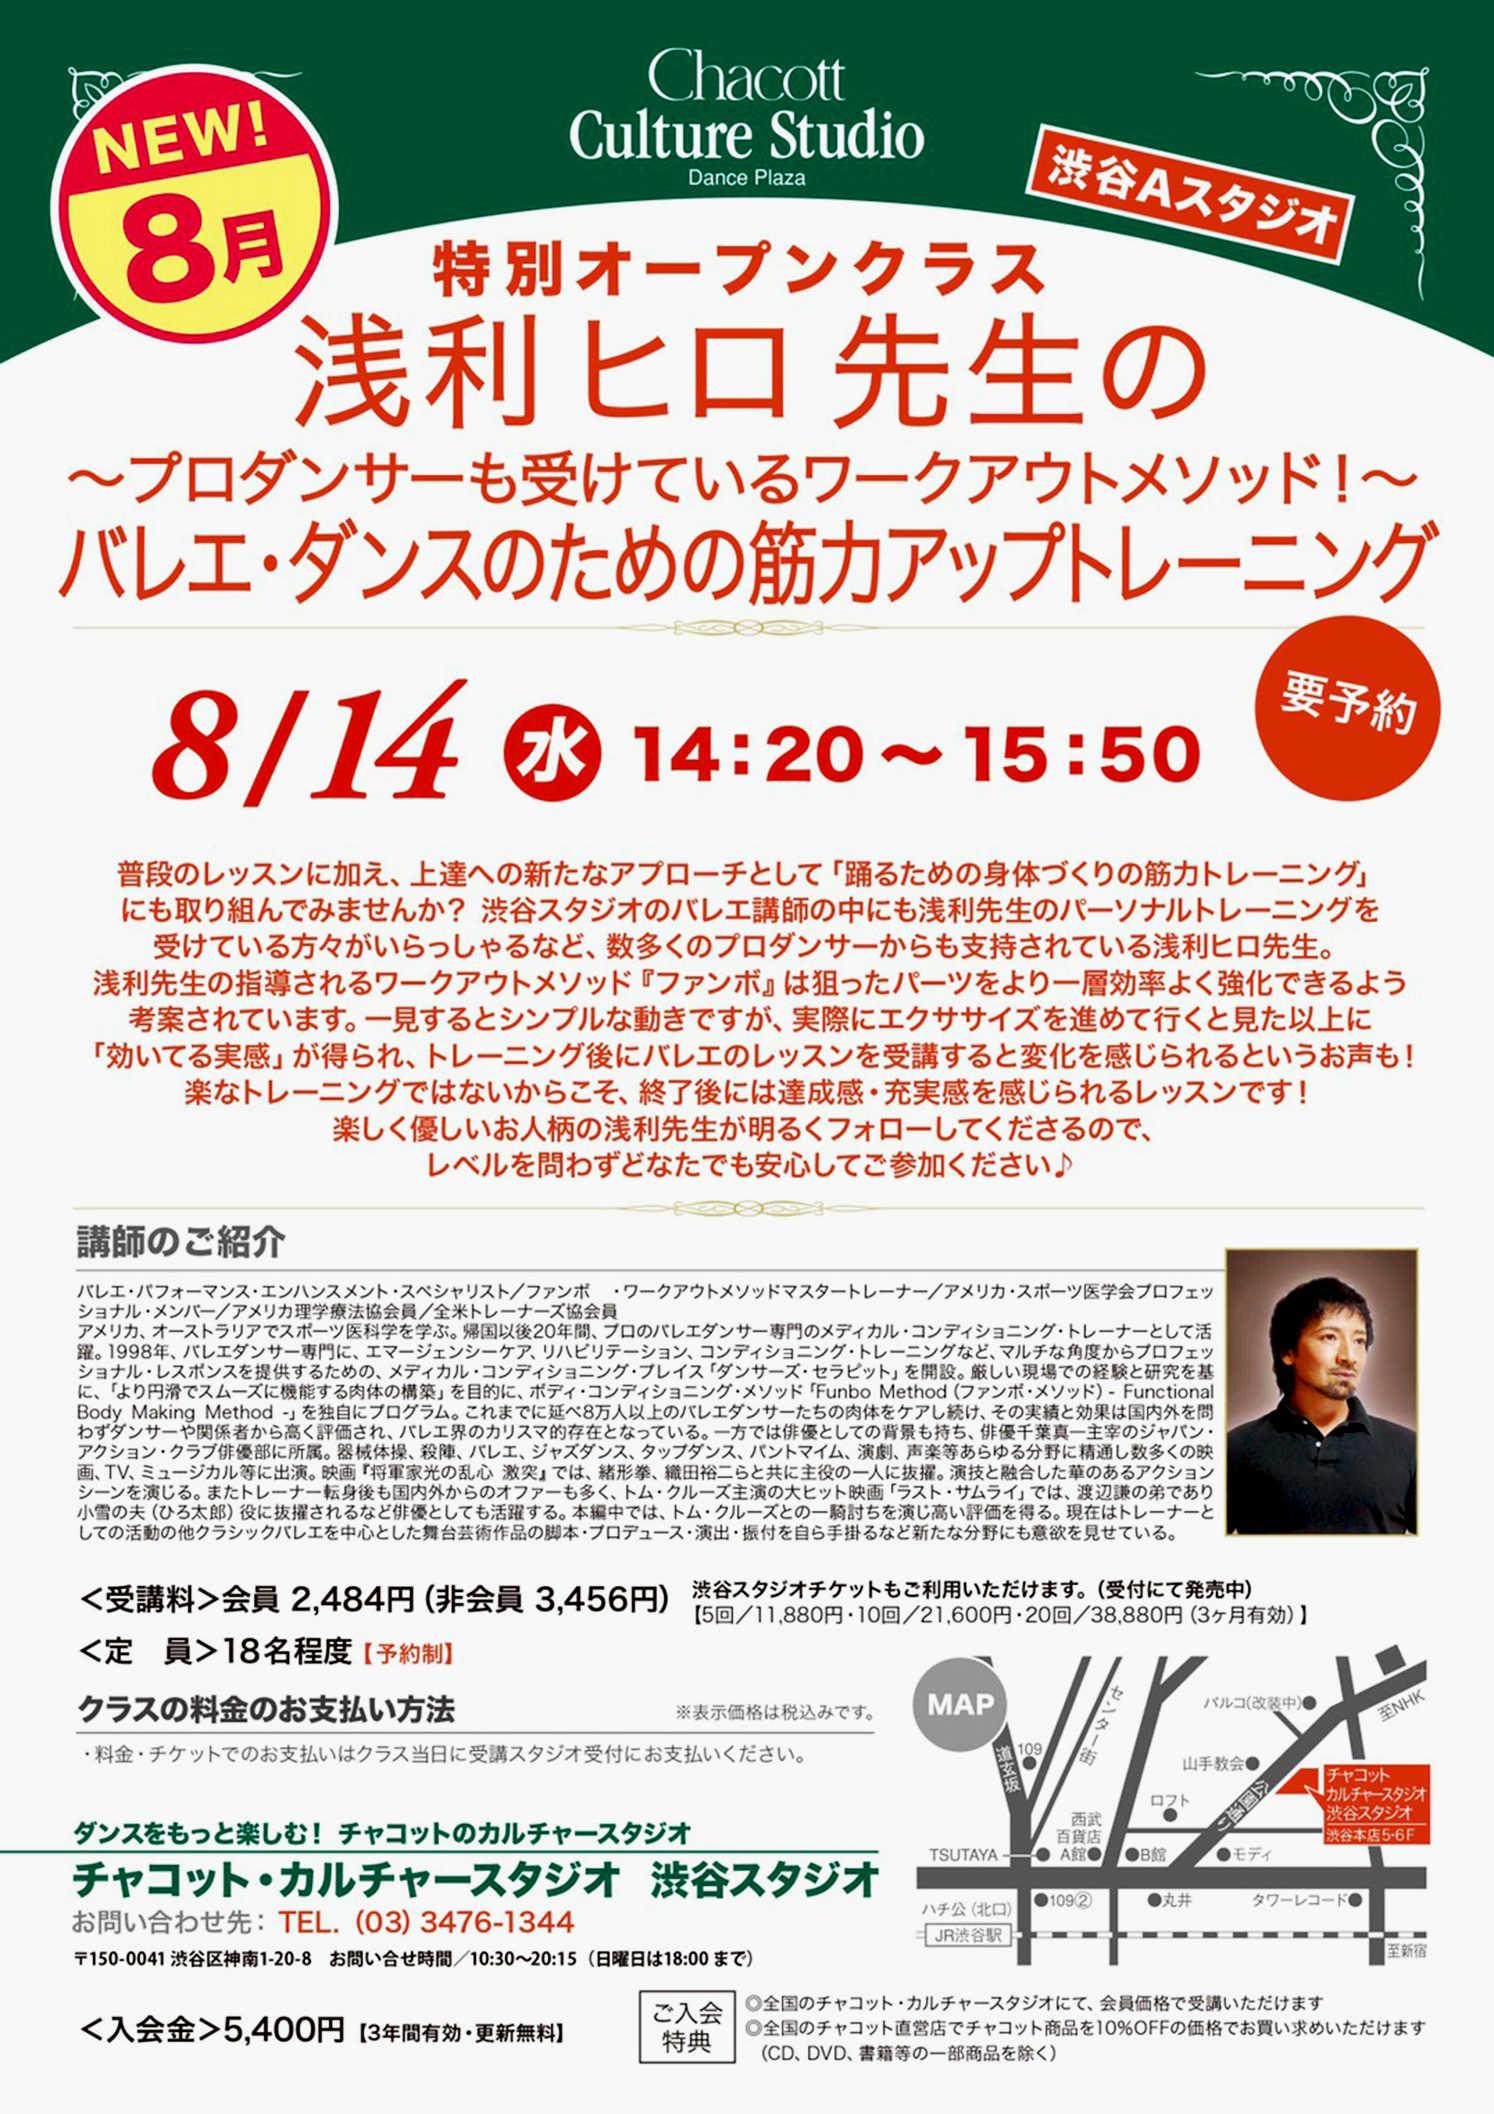 チャコット 渋谷 スタジオ